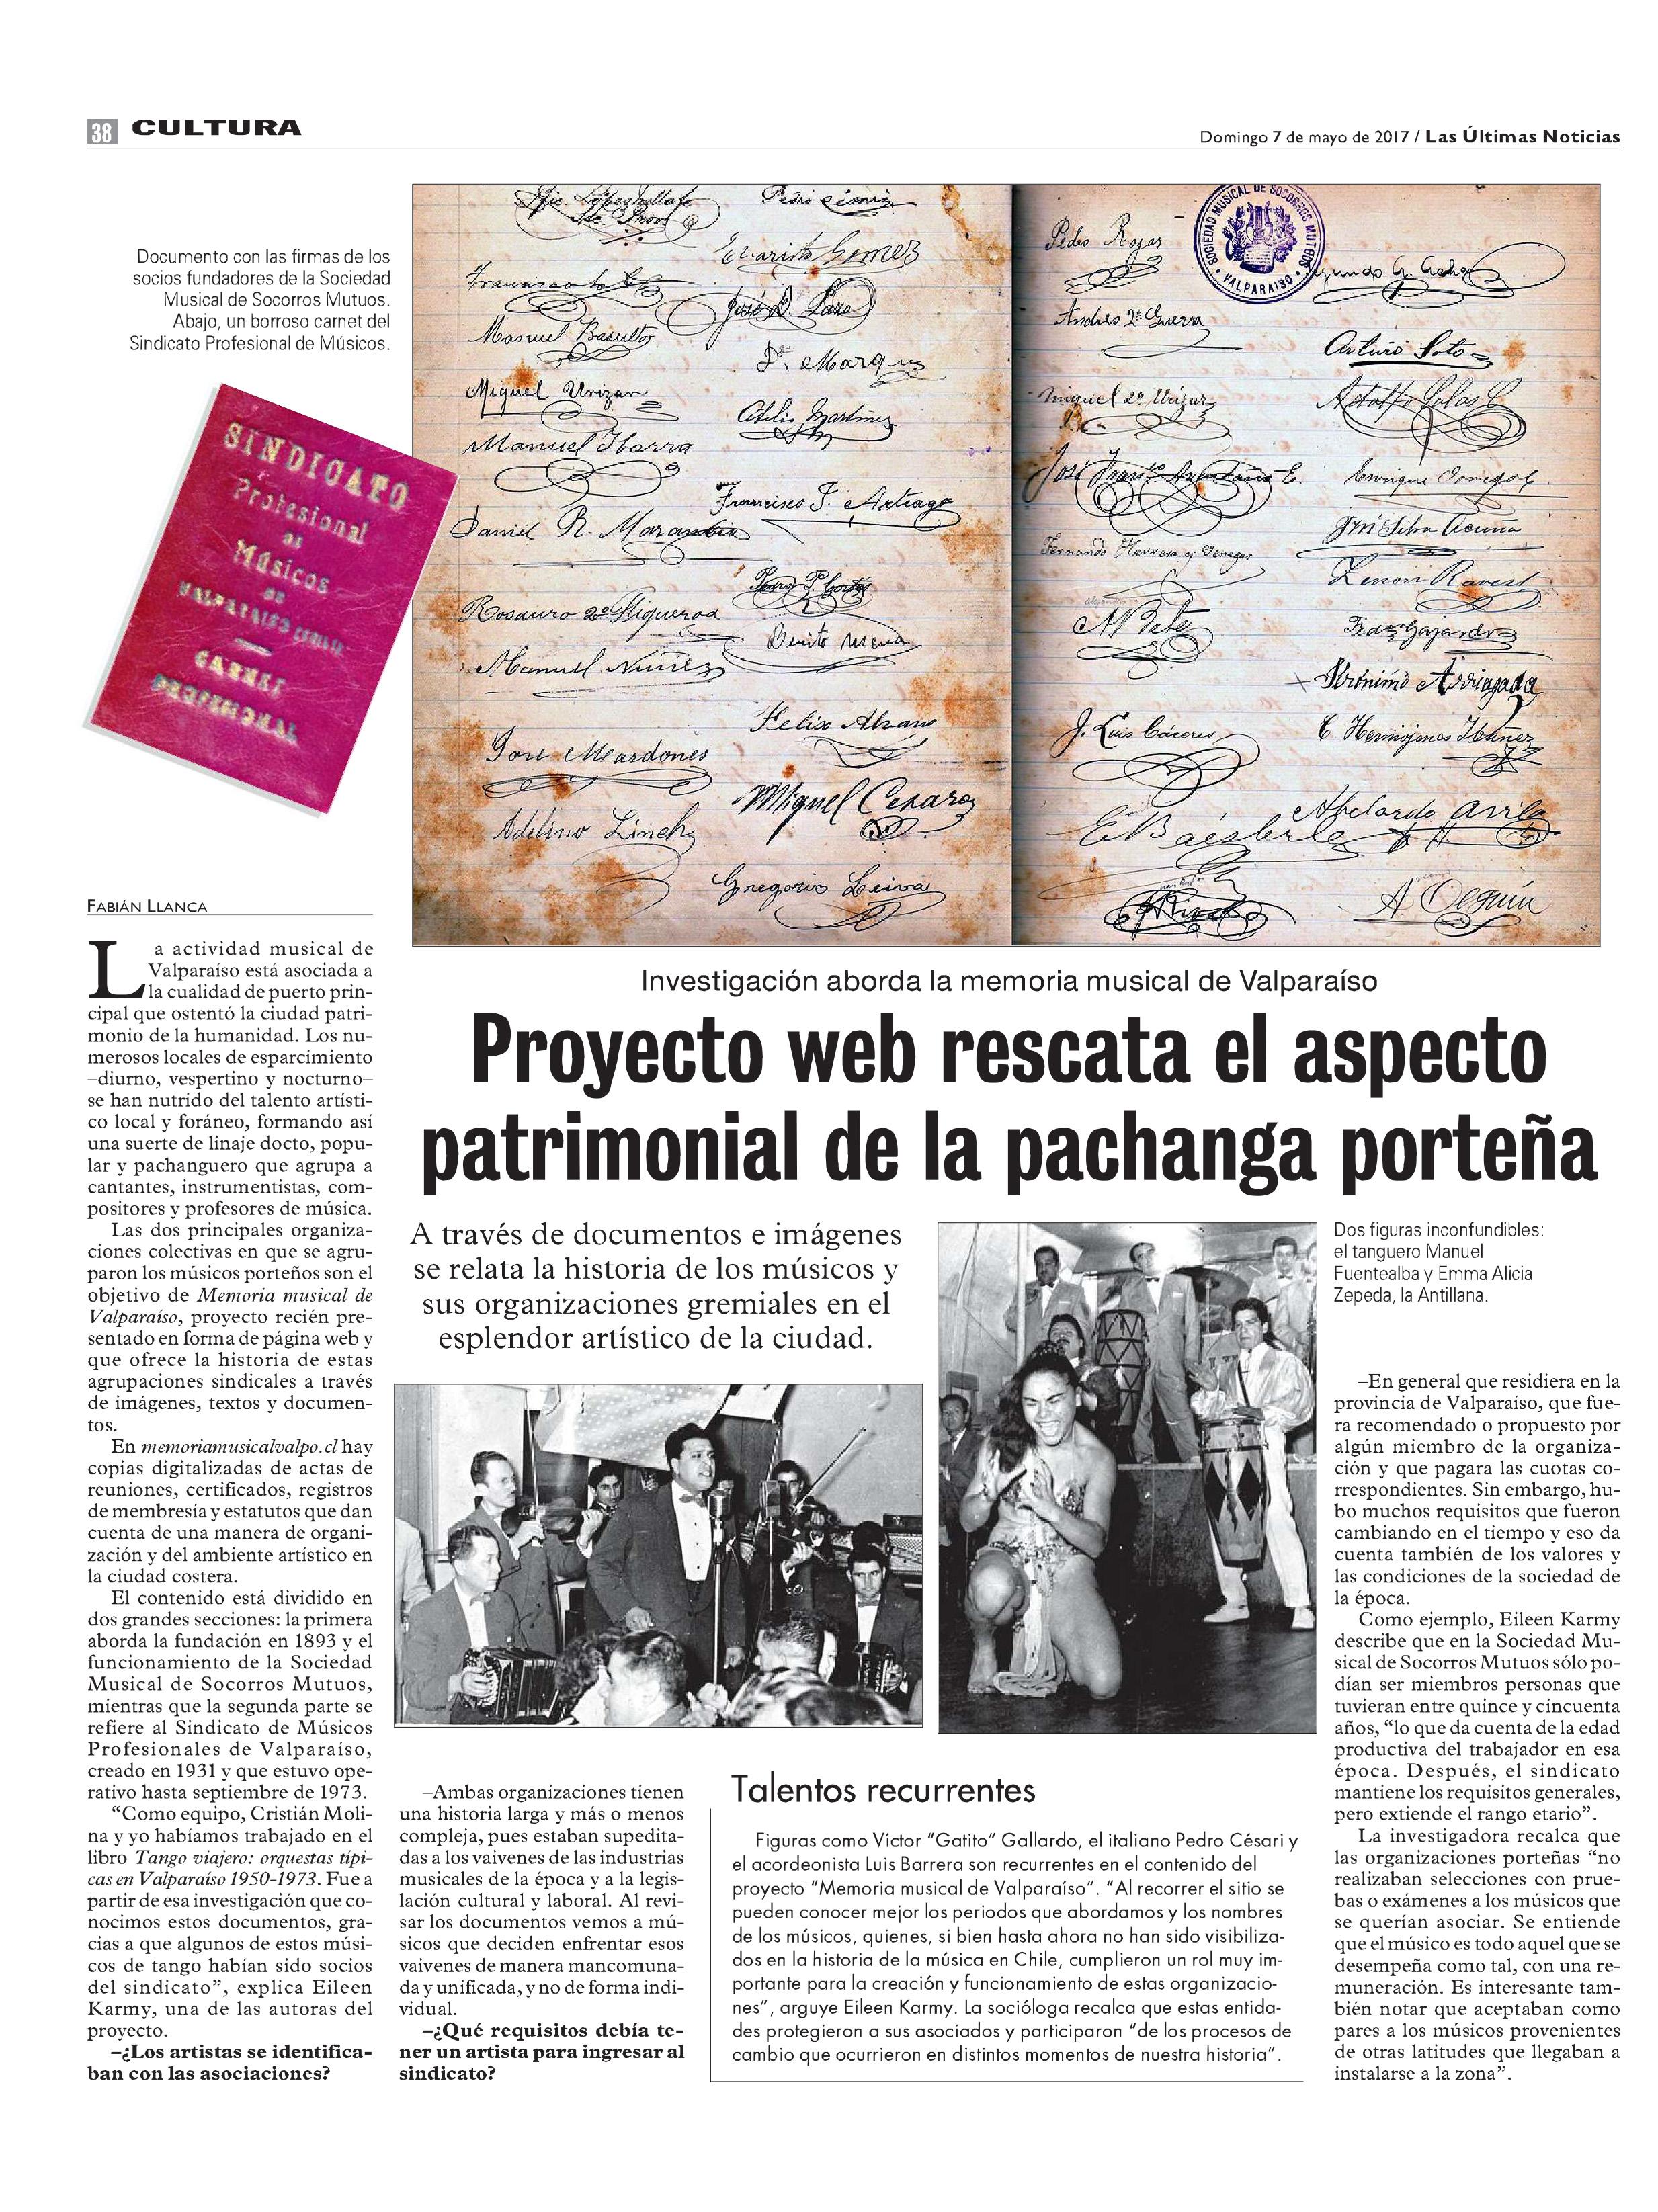 Proyecto web rescata el aspecto patrimonial de la pachanga porteña